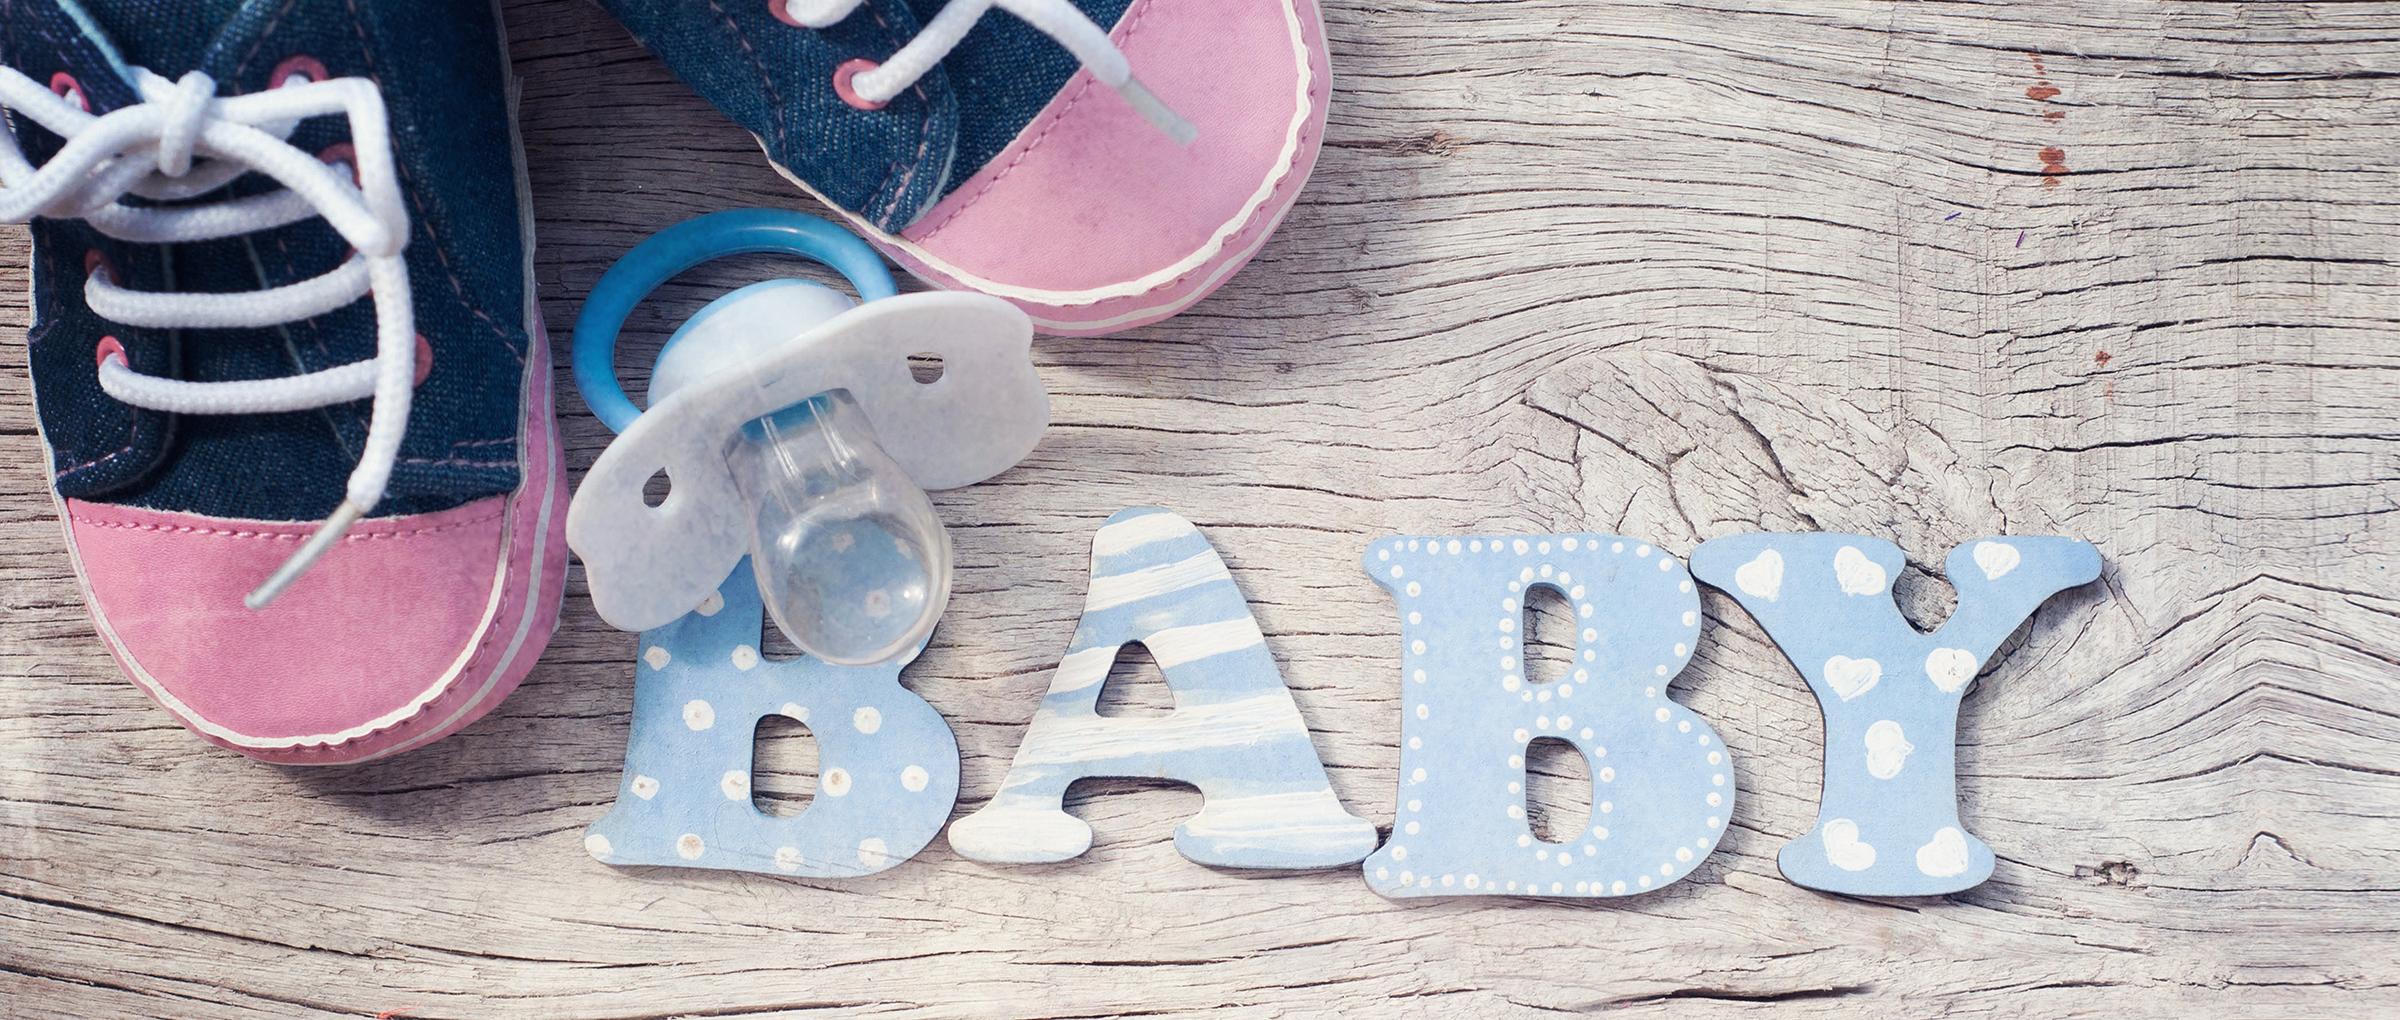 Mediterranean Fertility Institute hablará sobre gestación subrogada en Grecia en la feria Surrofair